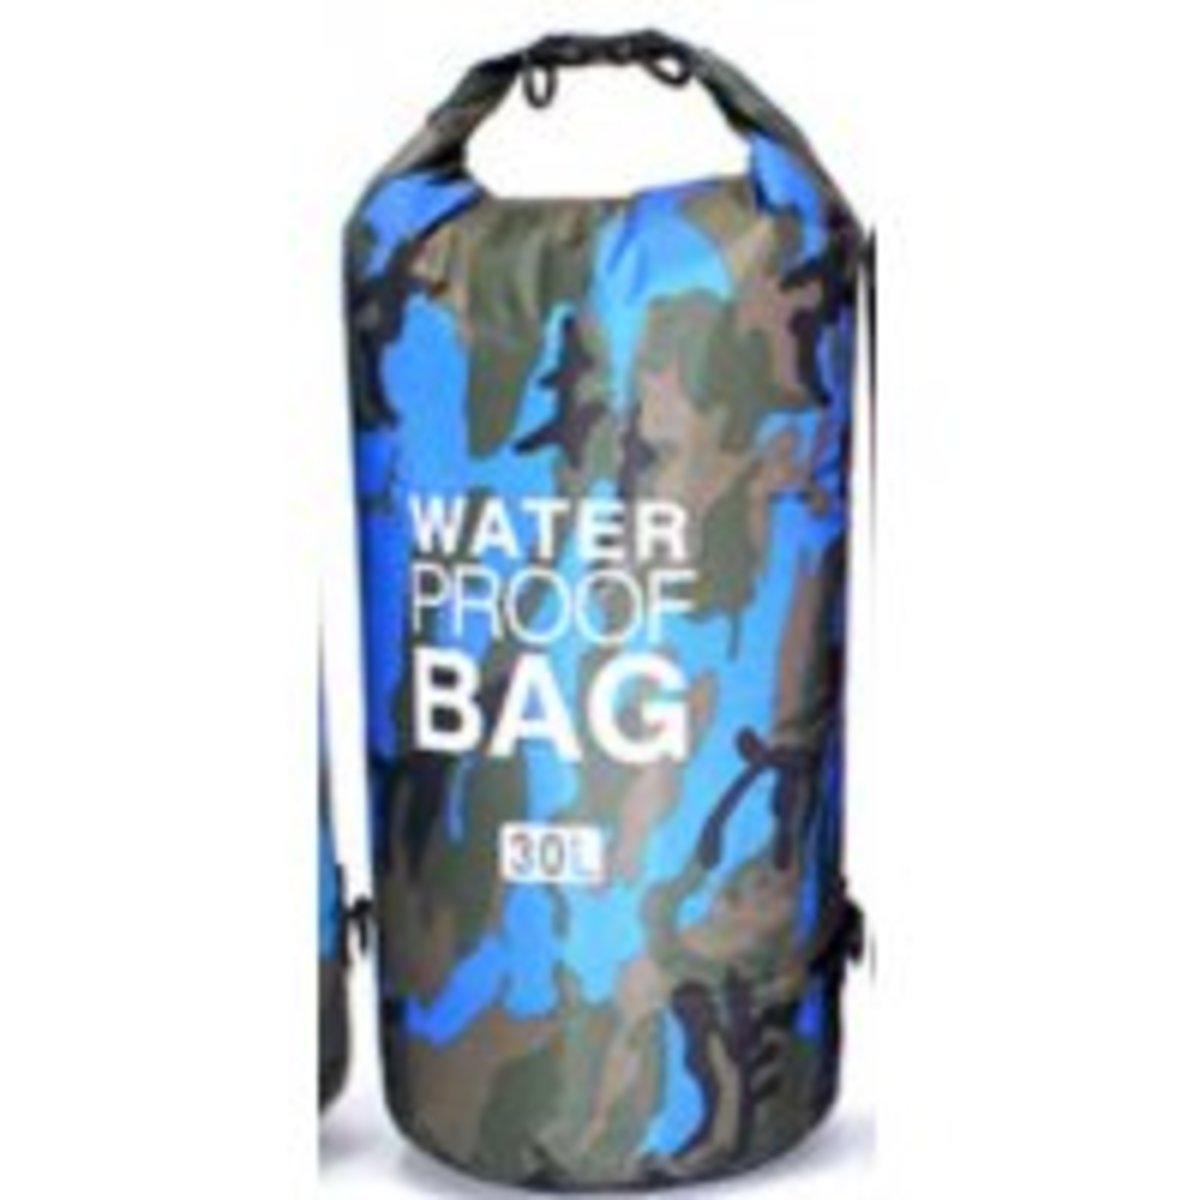 【夏天戶外 防水 必備 】兩用背囊式防水袋 30L (迷彩藍)